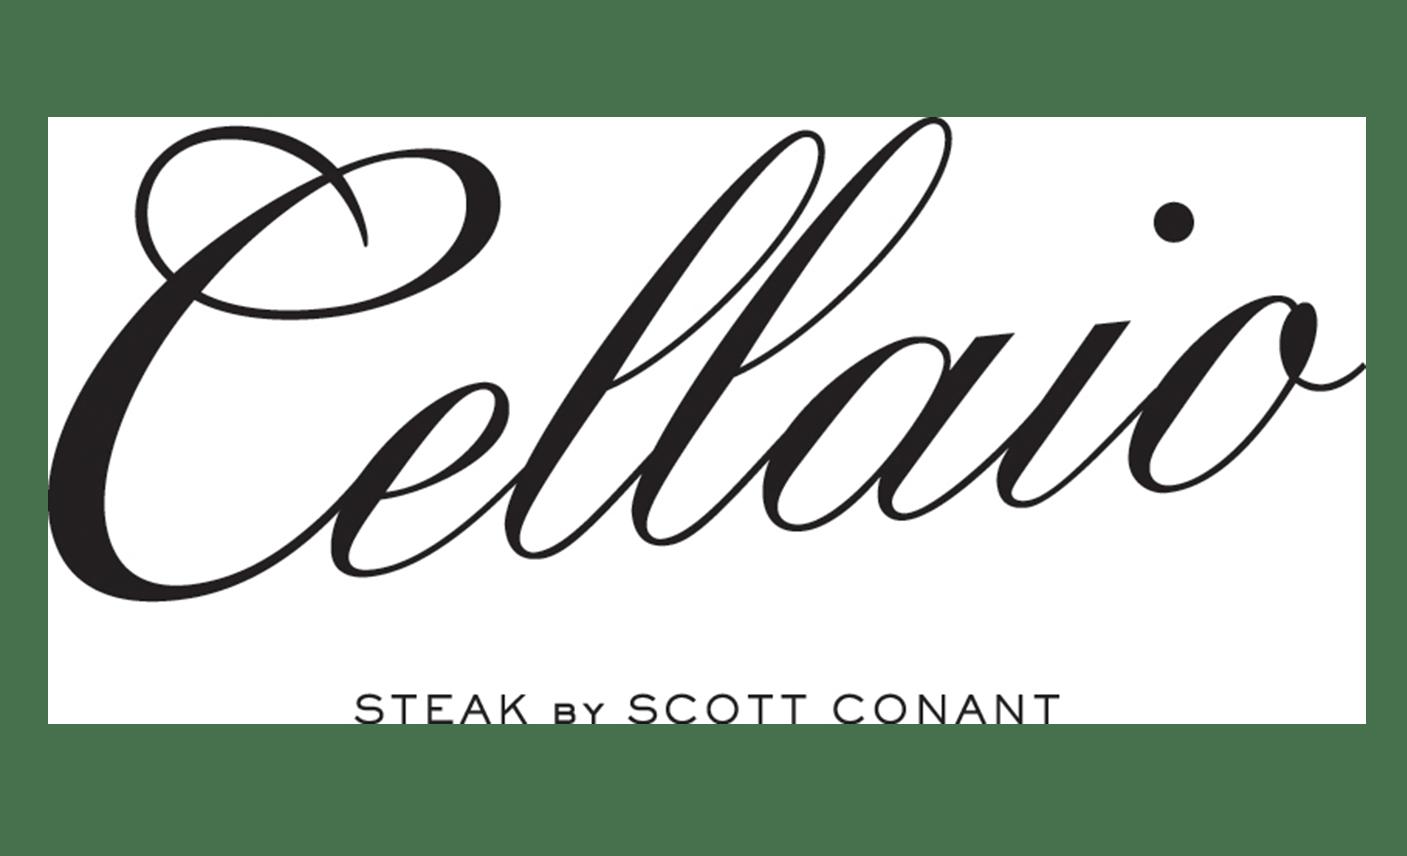 cellaio logo